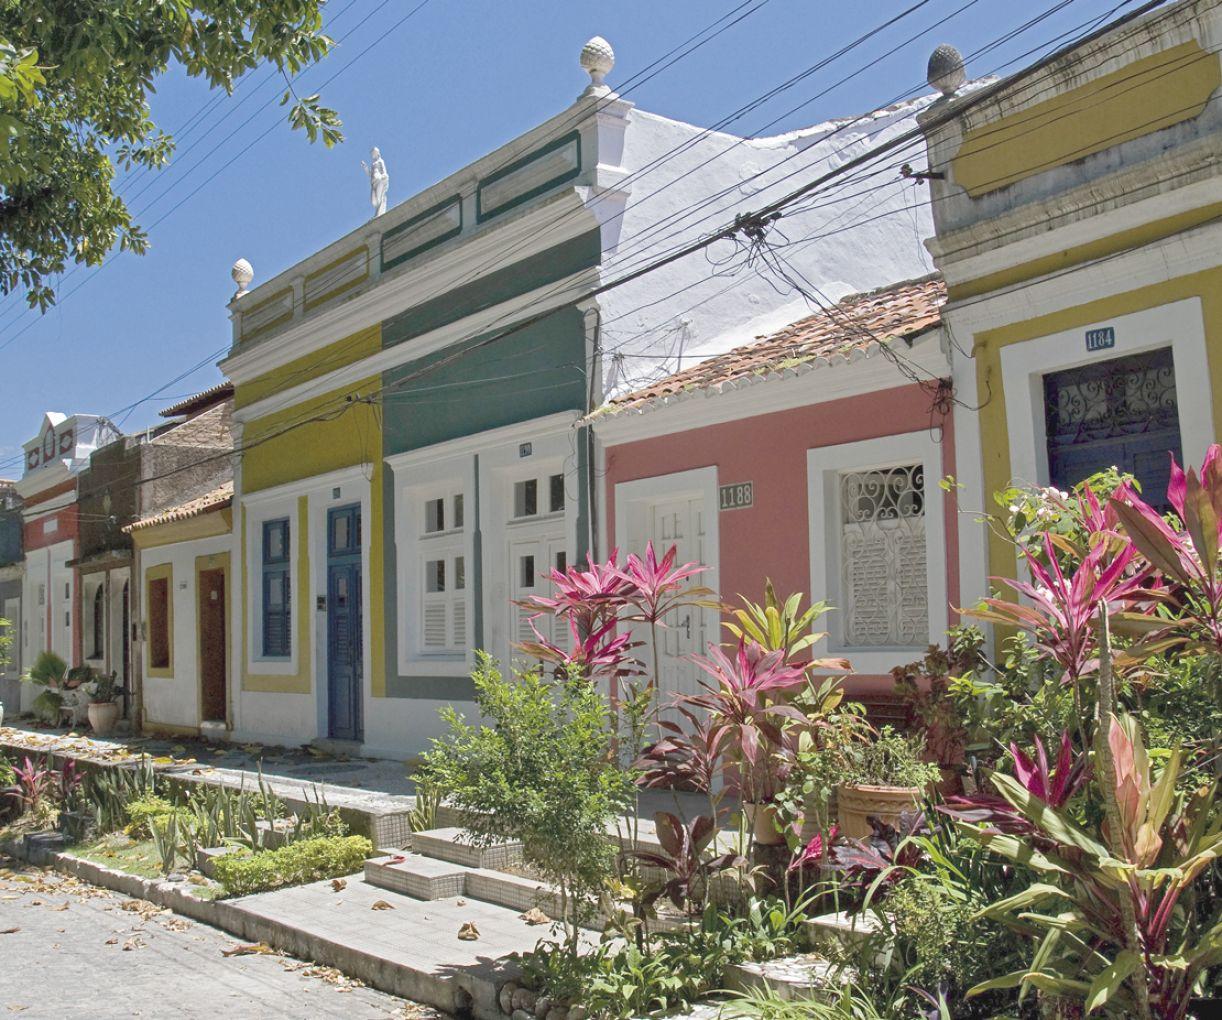 Antigo trecho de engenho, a rua de Apipucos apresenta uma subida com casas que saltam à paisagem verde e desembocam na igreja matriz do bairro